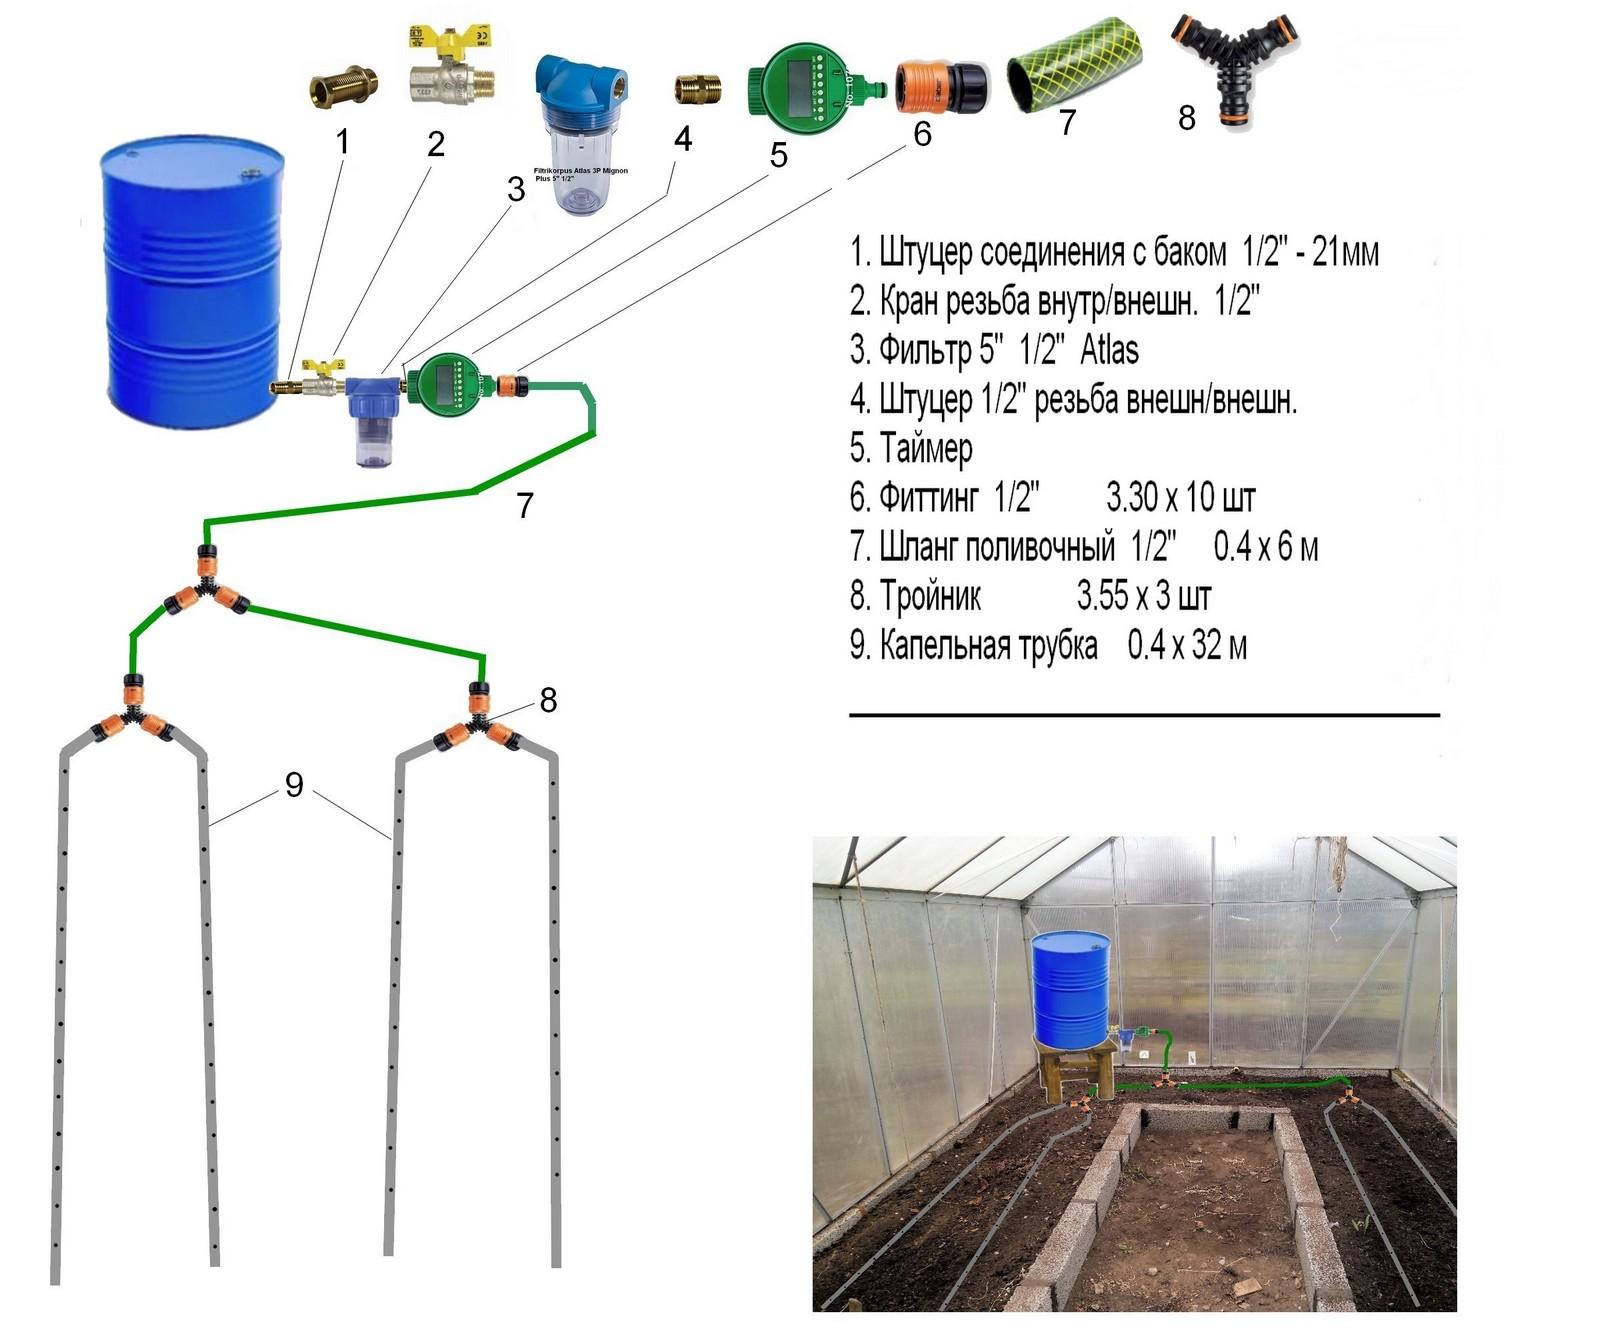 Как выбрать и установить накопительный бак для водоснабжения: рассказываем в общих чертах